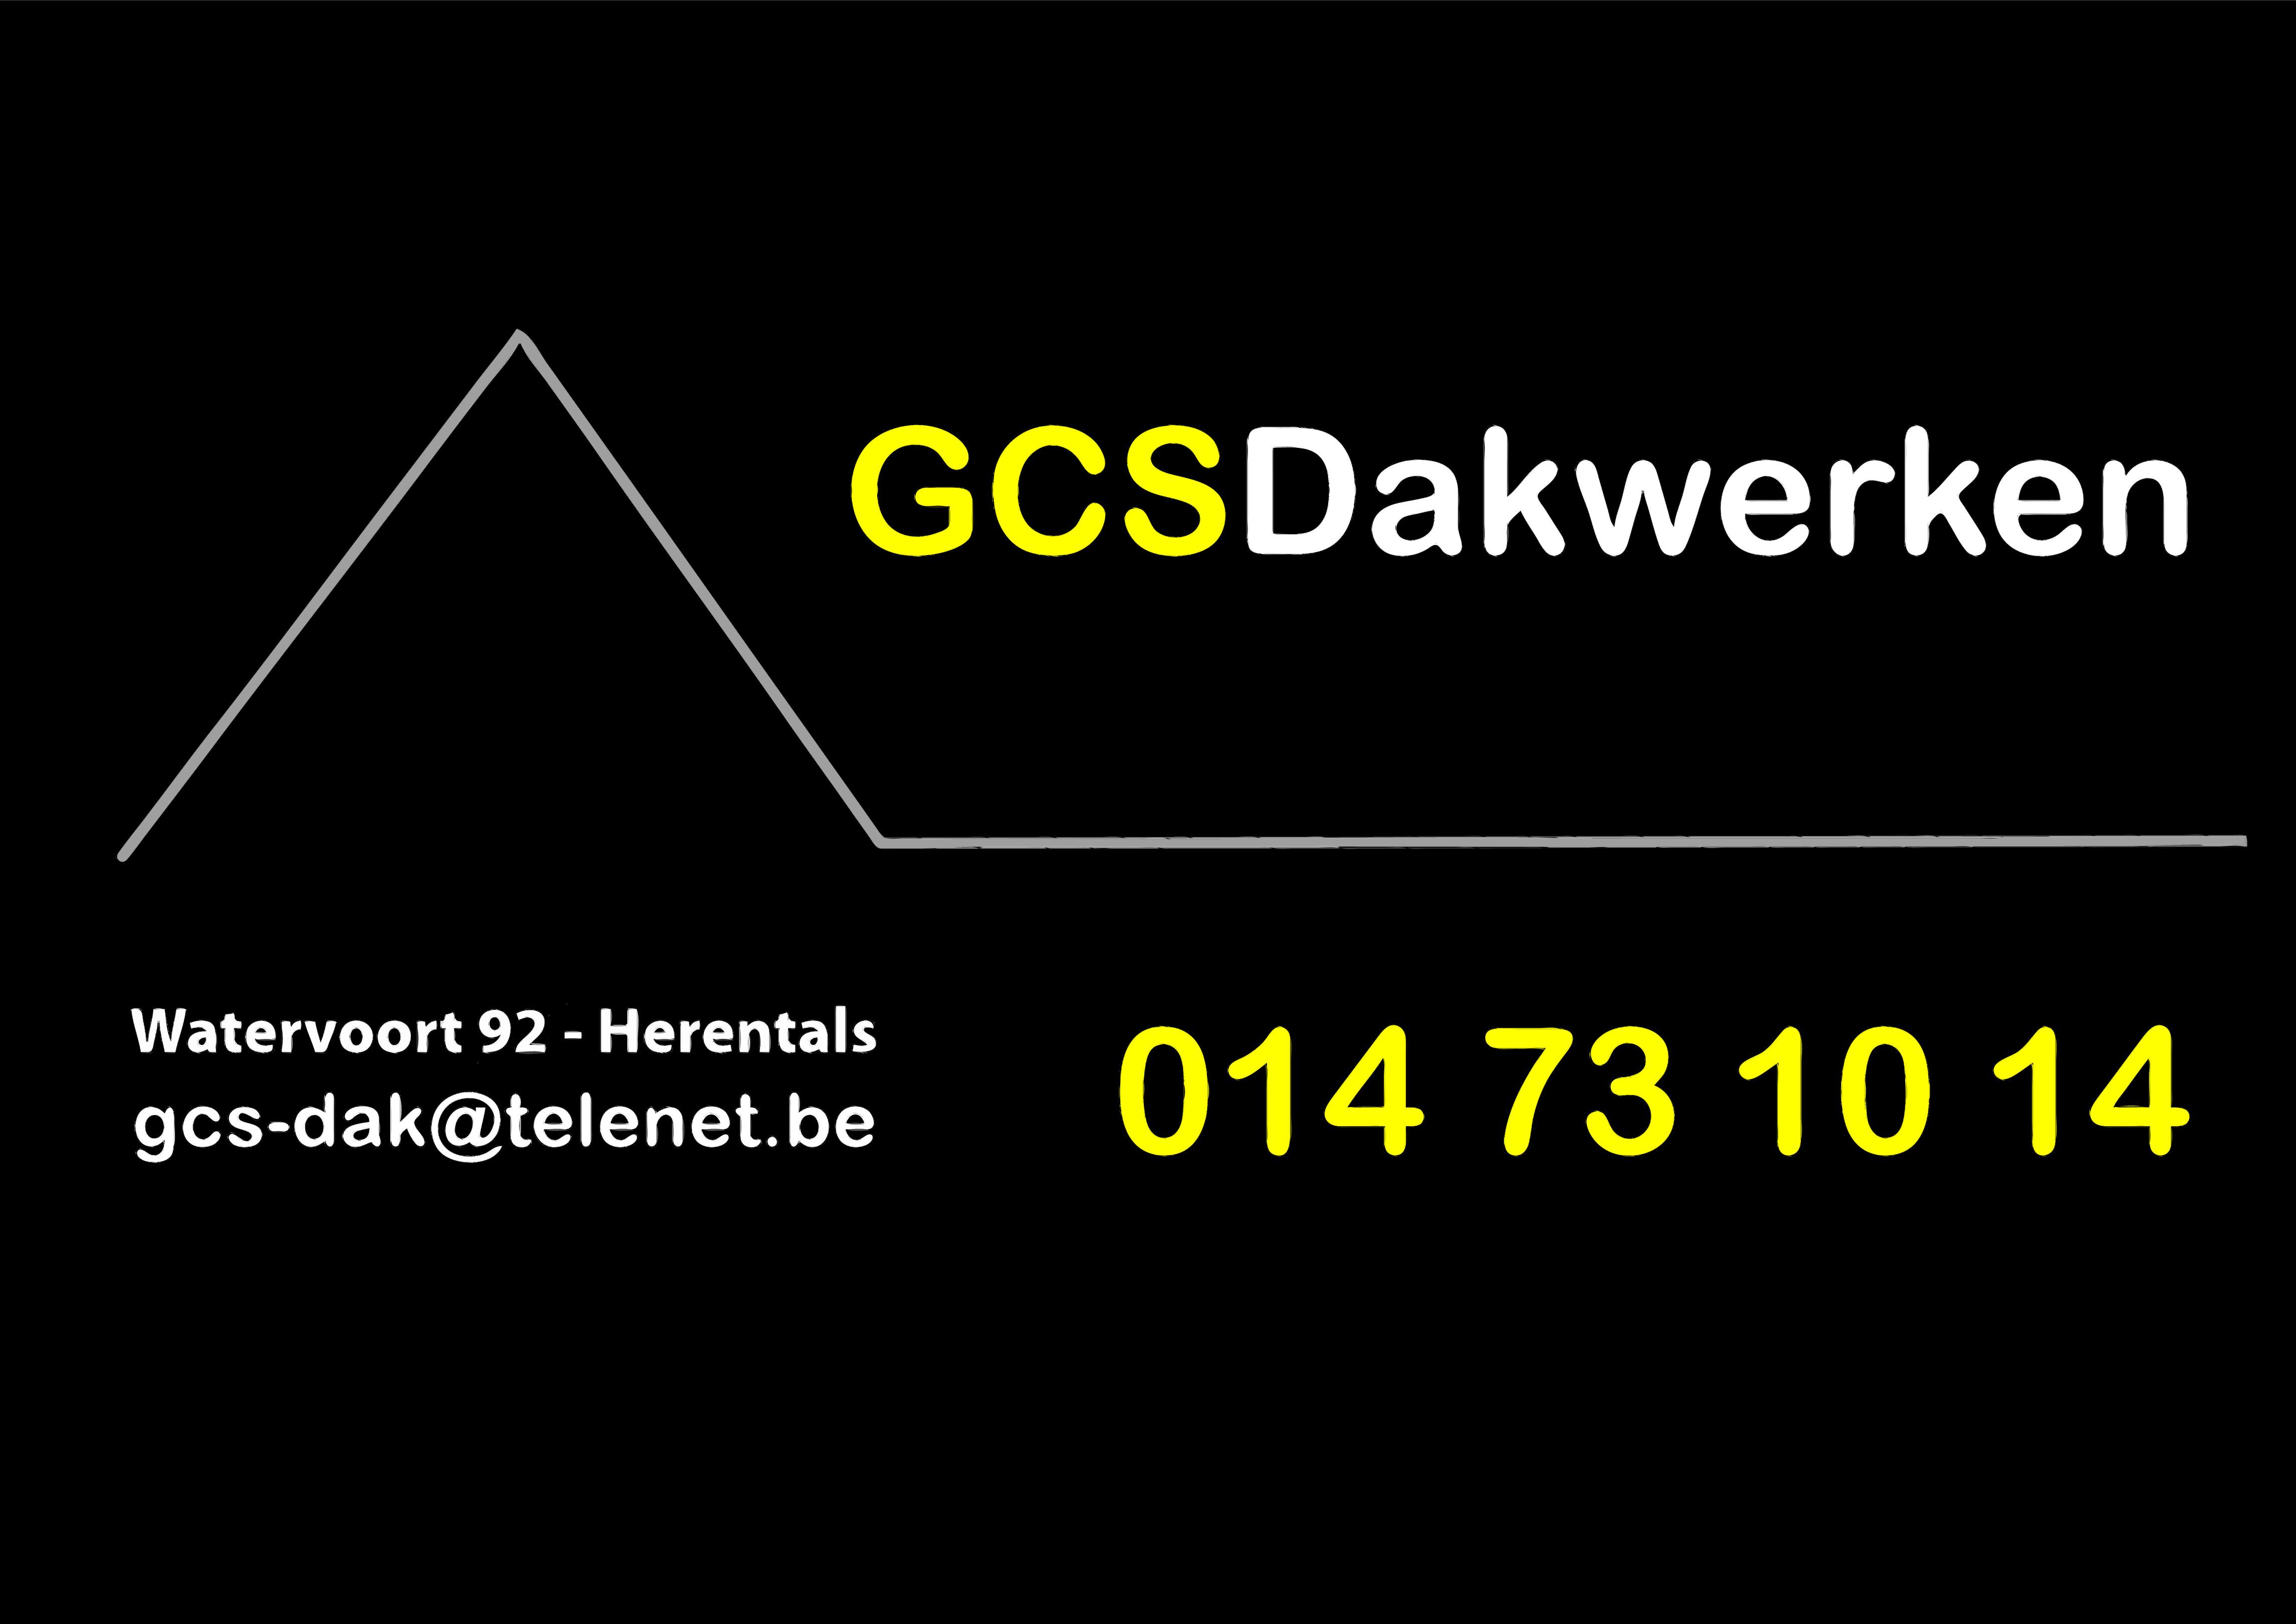 gcs_dakwerken_Watervoort_2019_05_23_p001